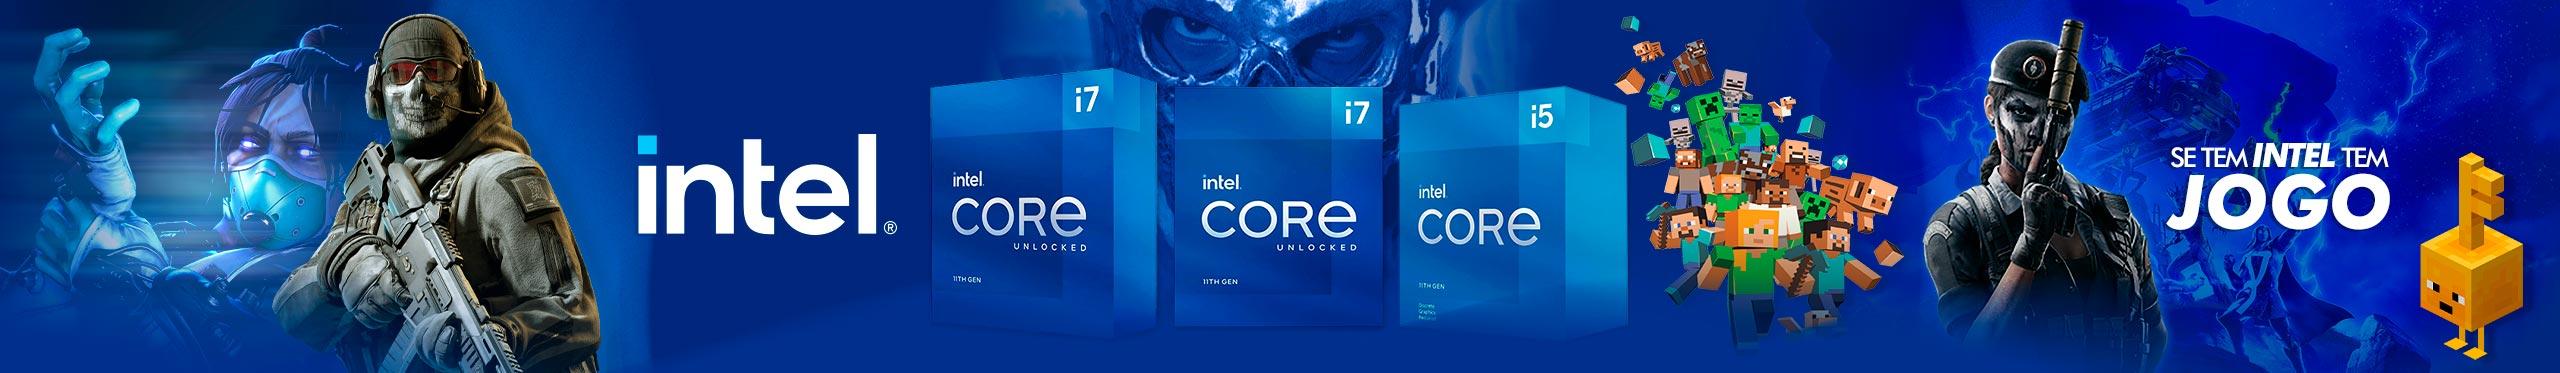 Banner Intel 11th Geração - Maio 2021